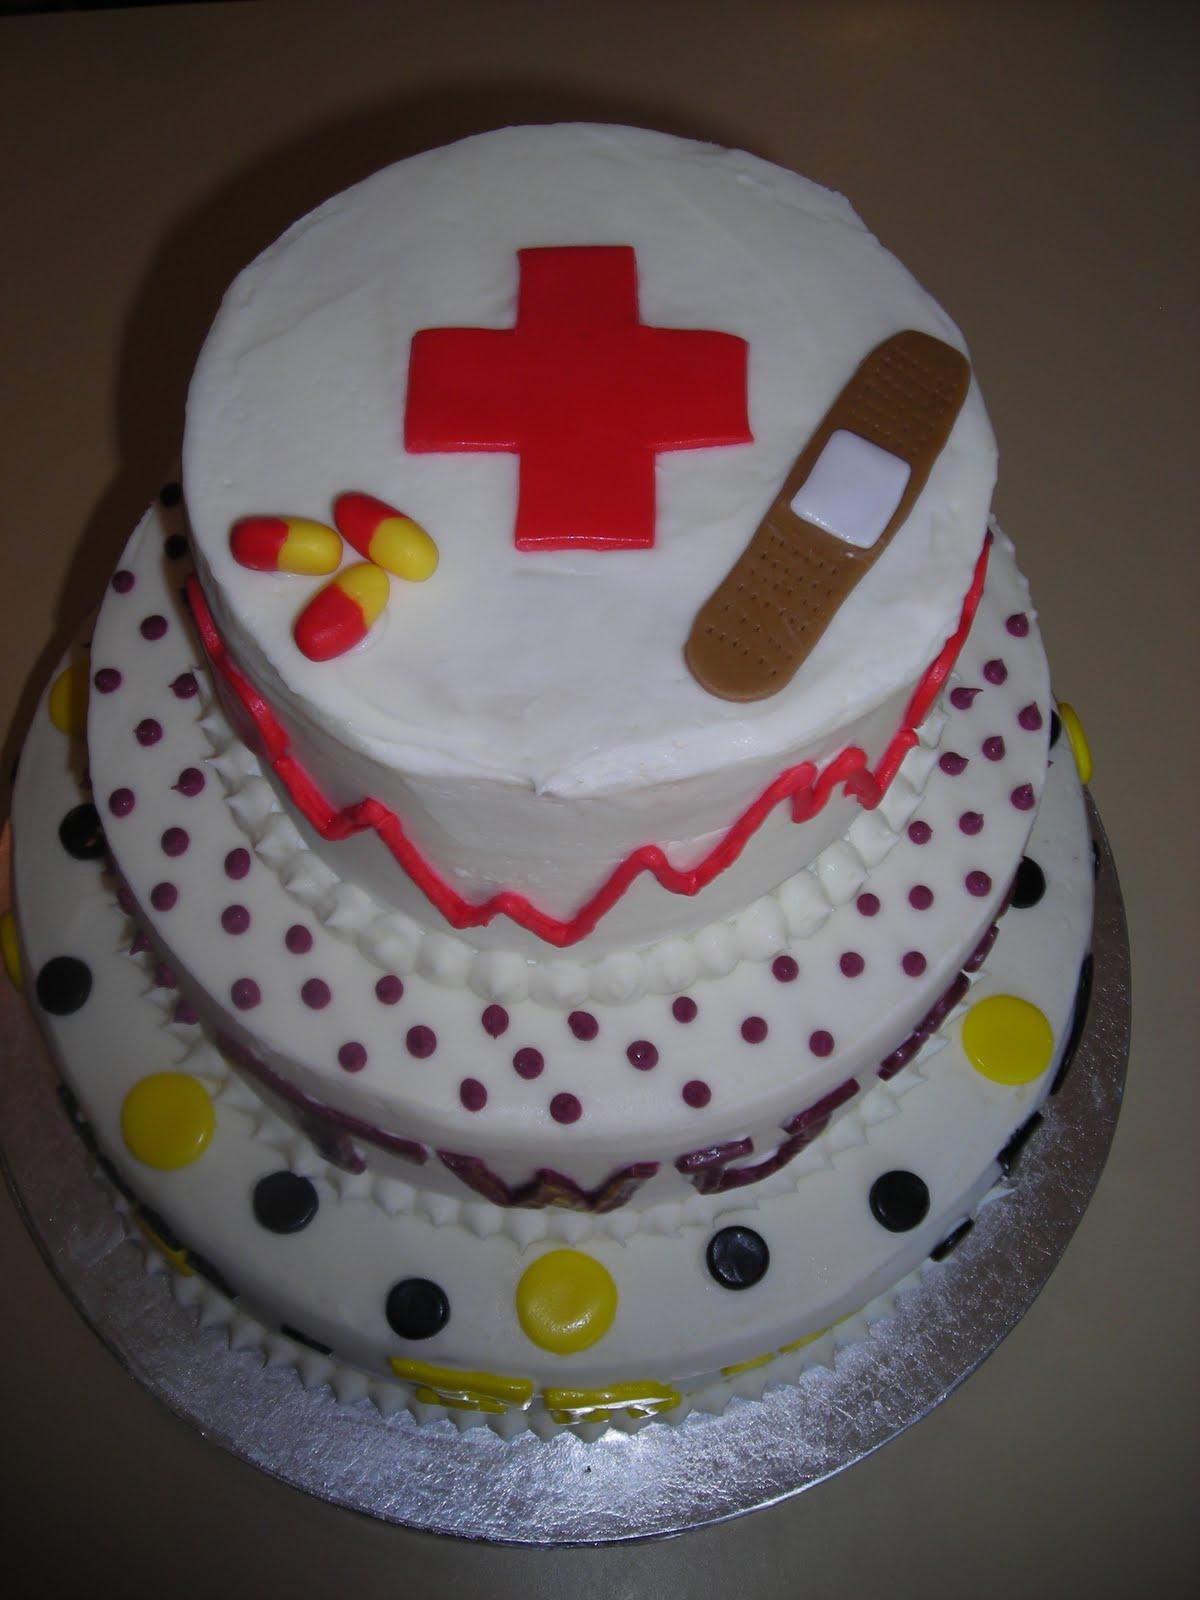 Pattycakes Custom Graduation Cake